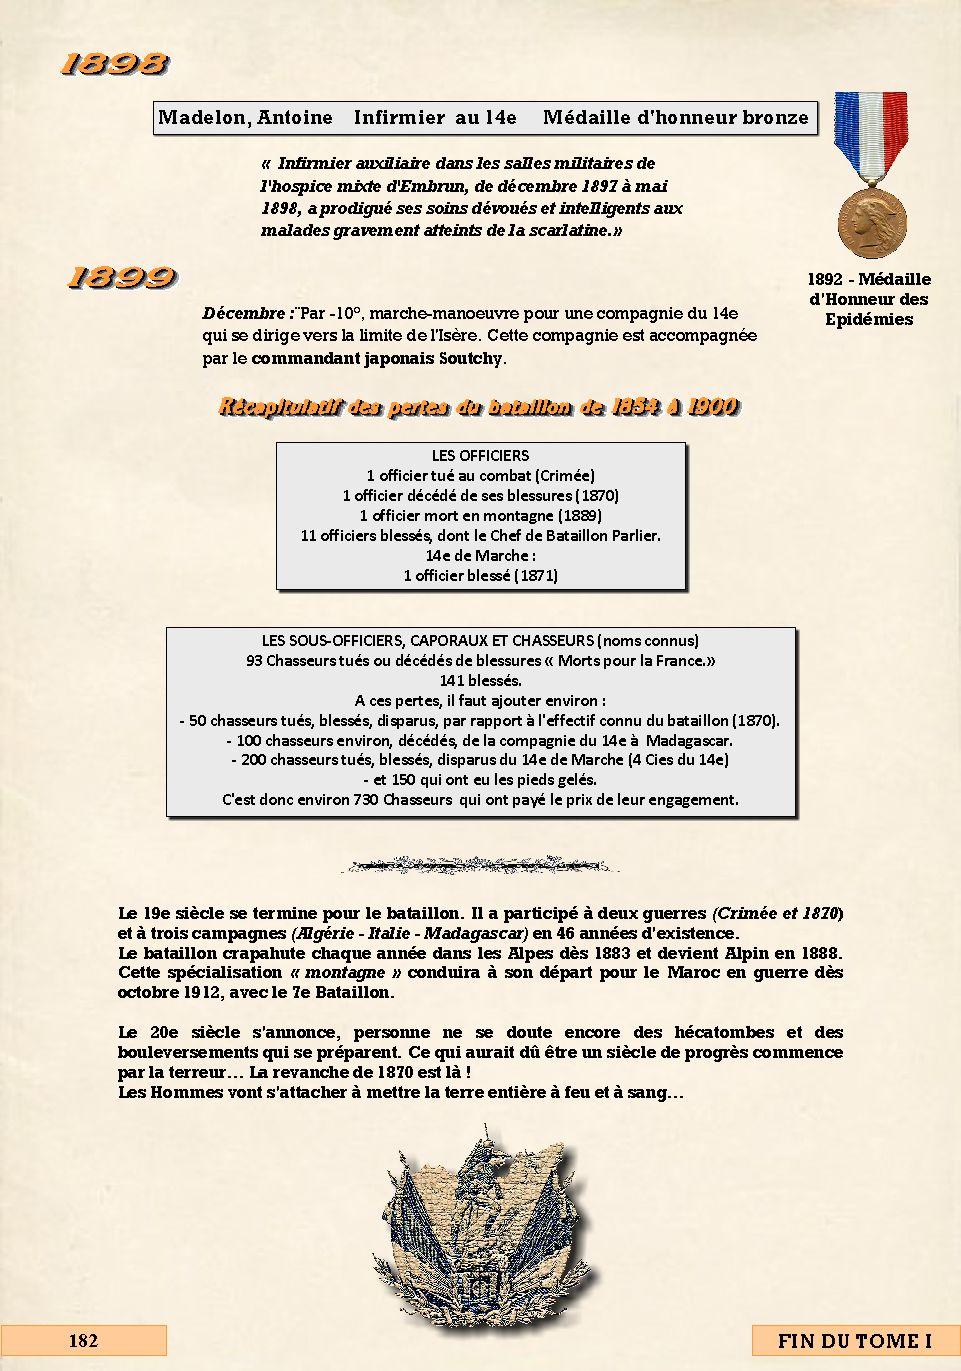 L'Historique du 14e Bataillon de Chasseurs. 1854 - 1962 Page_104